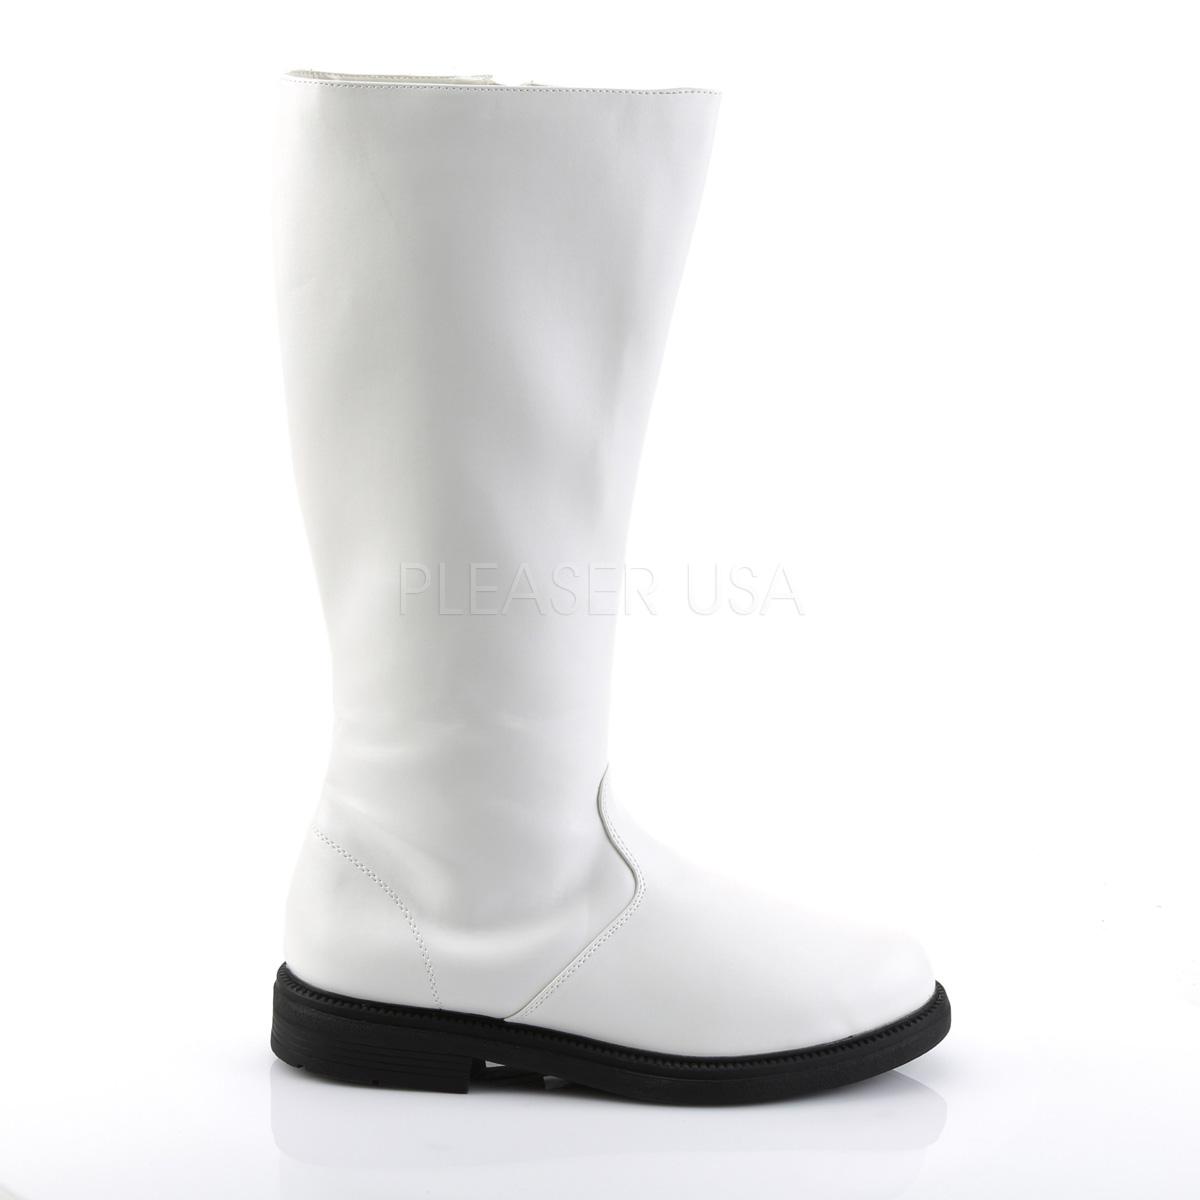 ブーツ メンズ ローヒール Pleaser(プリーザー) FUNTASMA #Men's 靴 男性用 ニーハイブーツ ひざ下丈ロングブーツ 白 ホワイト CAPTAIN-100